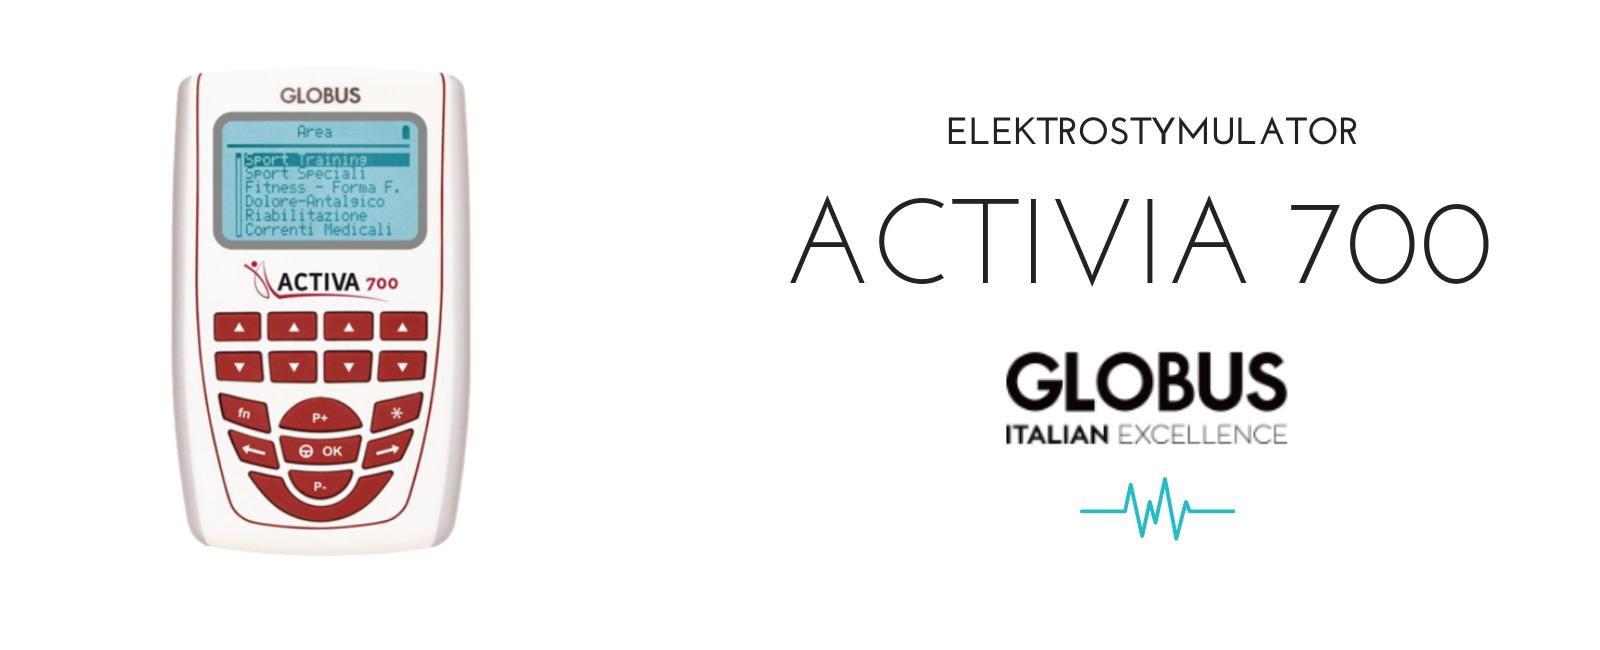 Activia700 Elektrostymulators Marki Globus Wykorzystywany W Terapii Dzieci I Rehabulitacji Miesni Twarzy.jpg